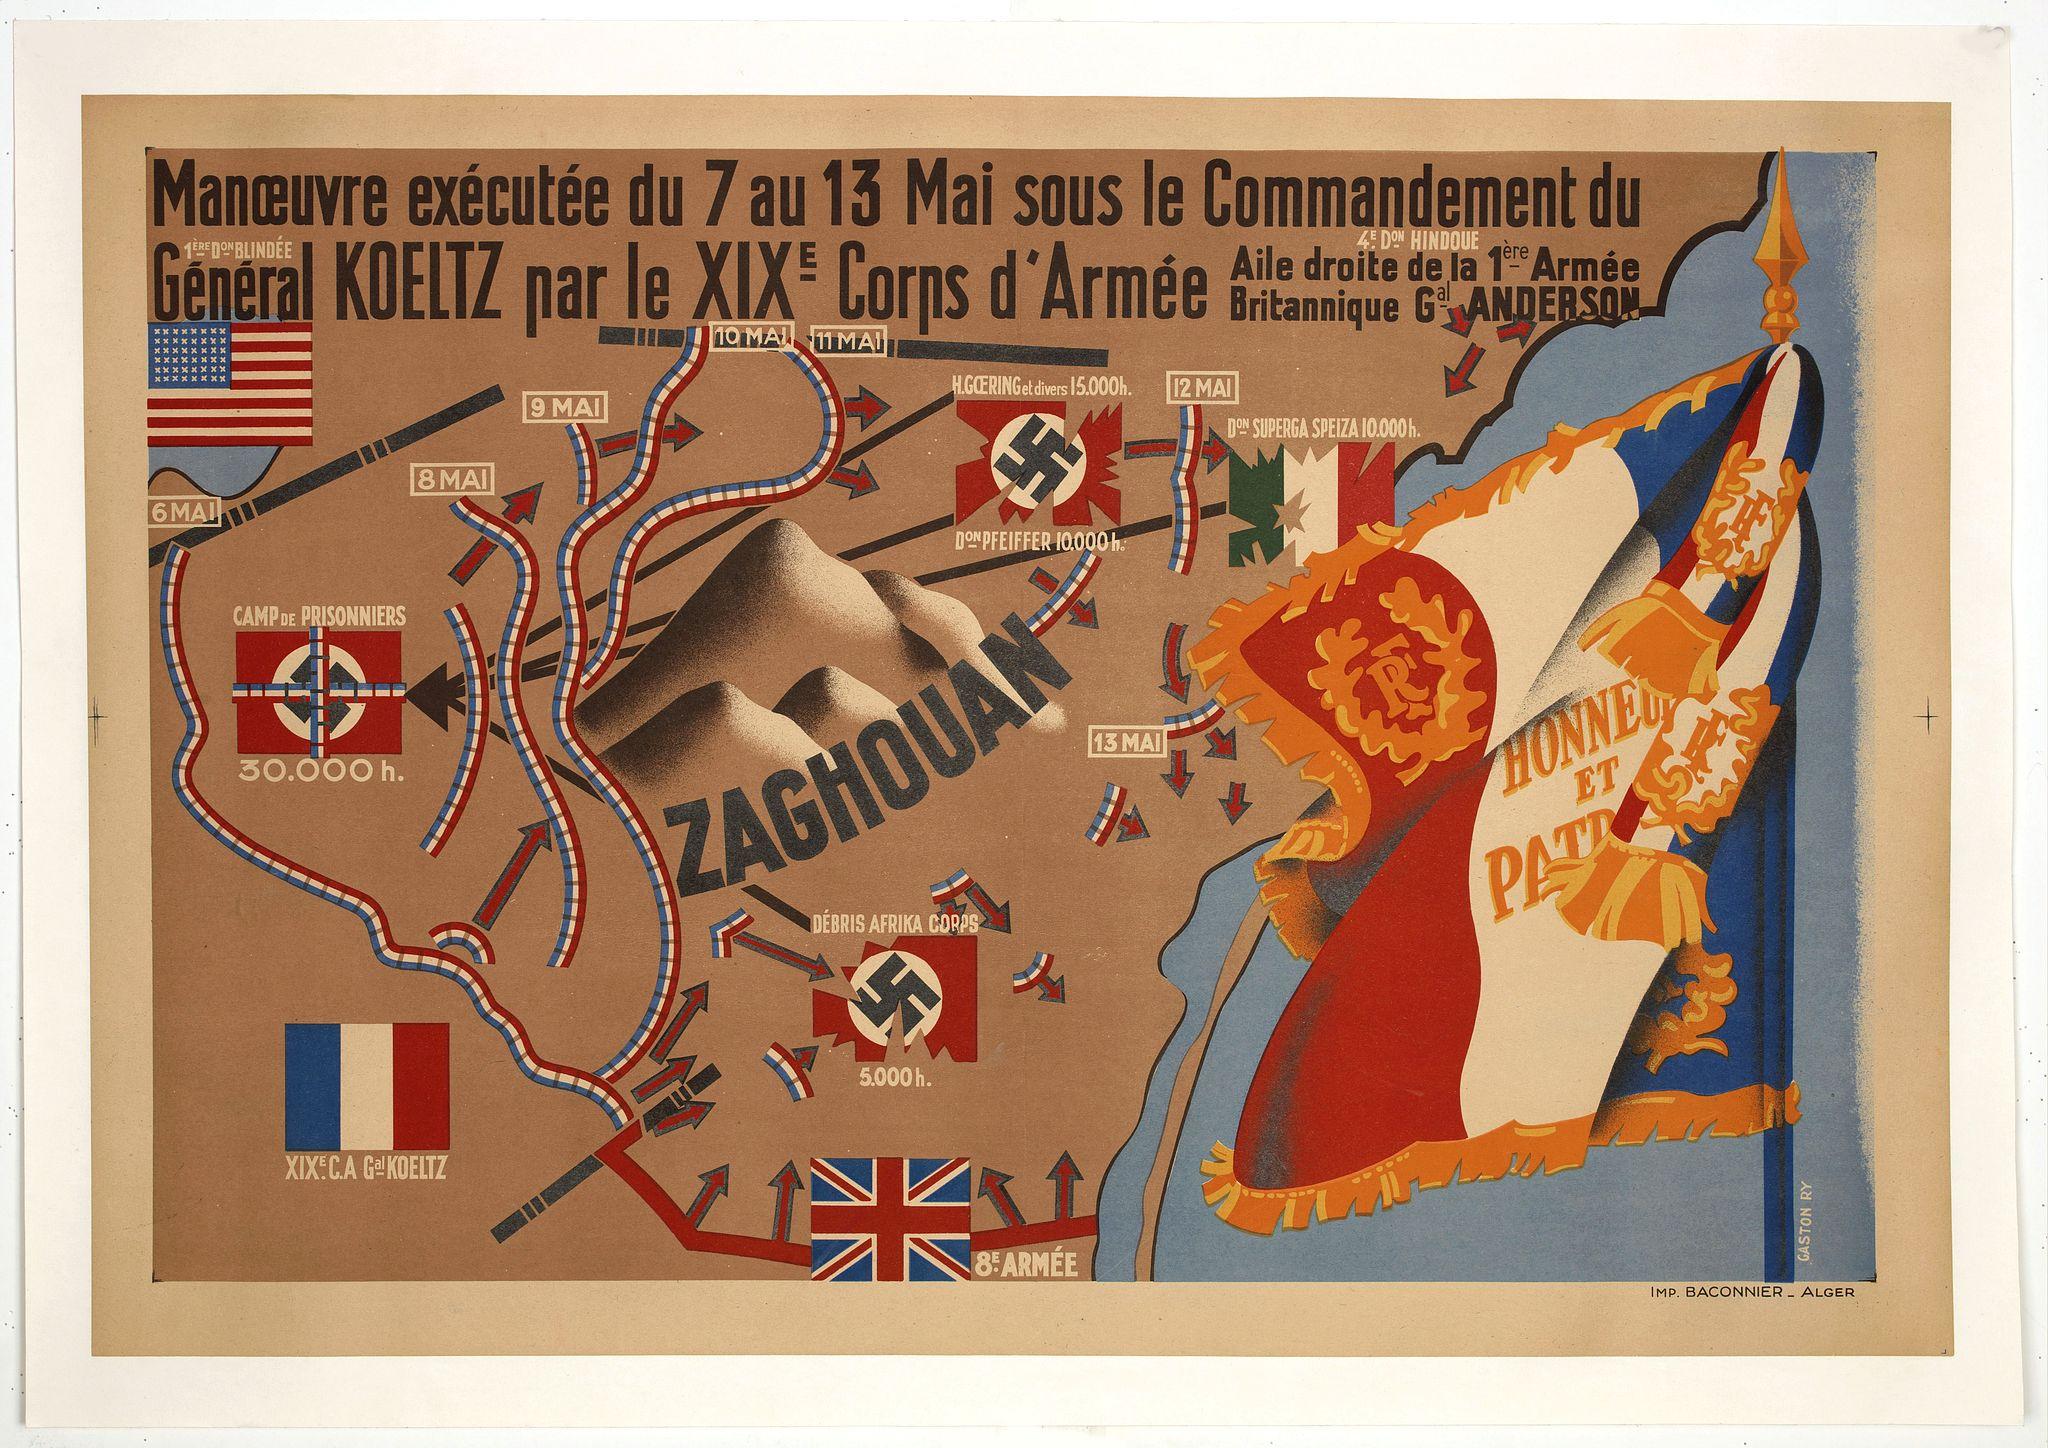 RY, G. -  Manoeuvres executées du 7 au 13 mai sous le Commandement du général Koeltz,par le XIXe Corps d'Armée. . .